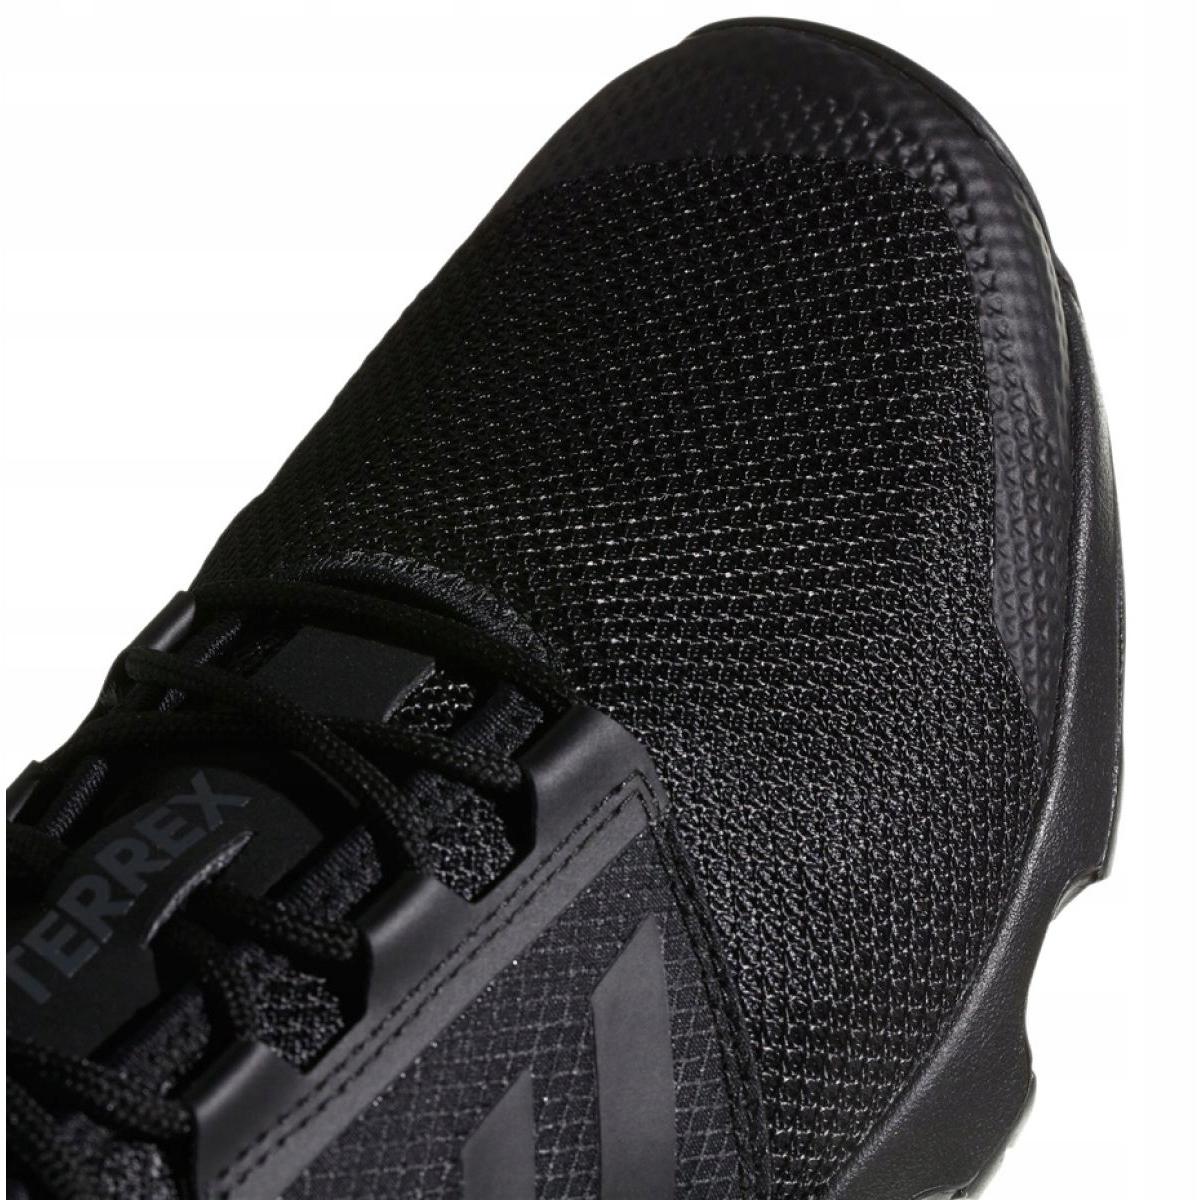 Details about Adidas Terrex Cc Voyager black M CM7535 shoes